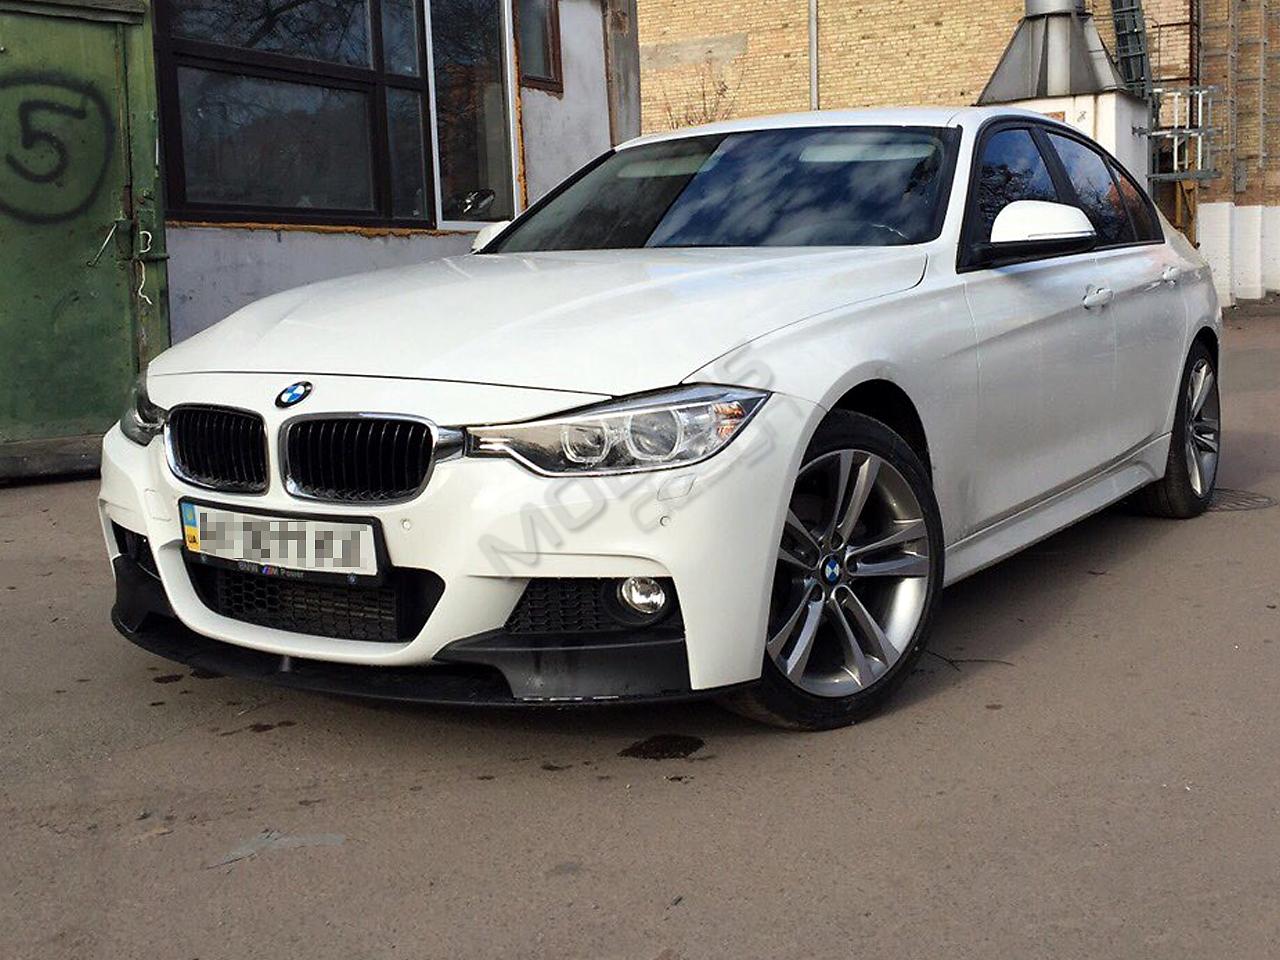 BMW 320 - рестайлинг + установка аэродинамического обвеса M-Performance